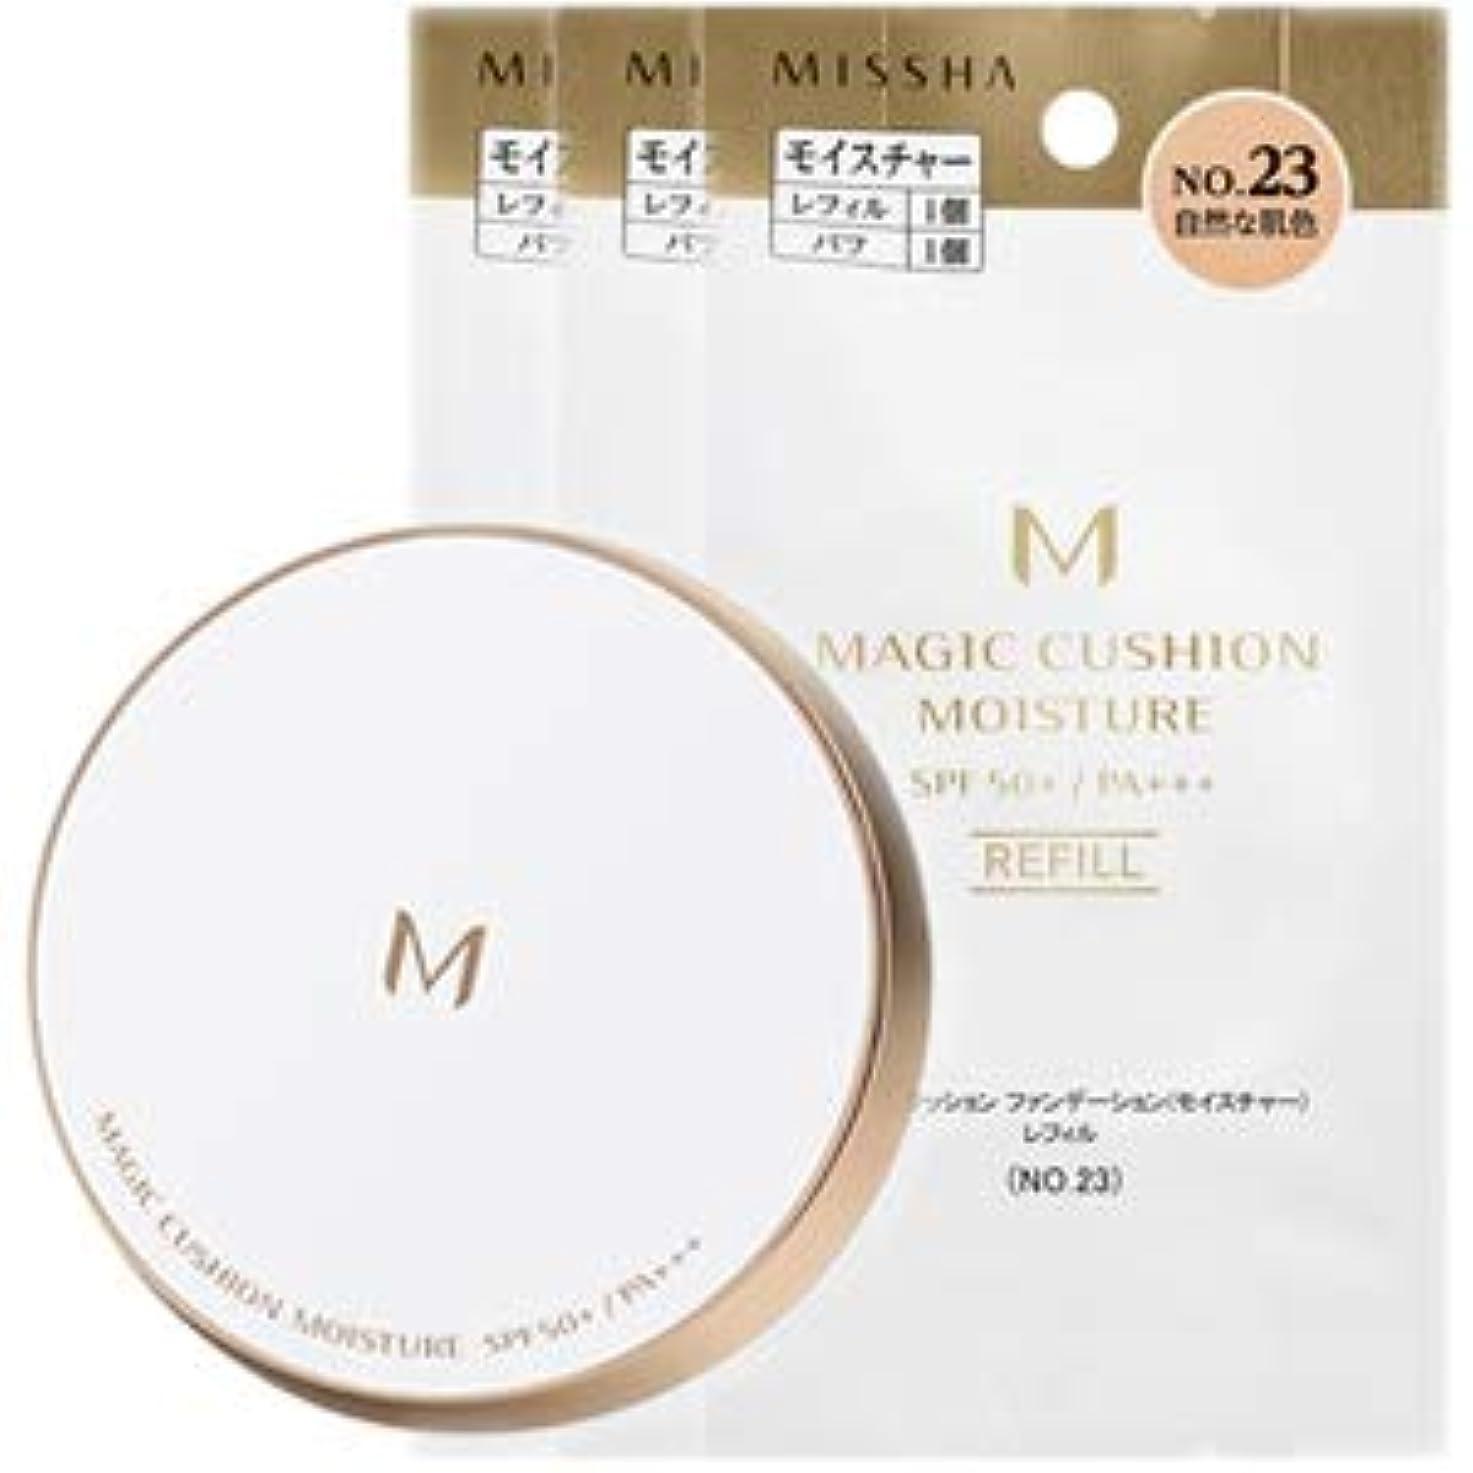 ストレスプラグ申し立てるミシャ M クッション ファンデーション (モイスチャー) No.23 本体 + レフィル 3点セット